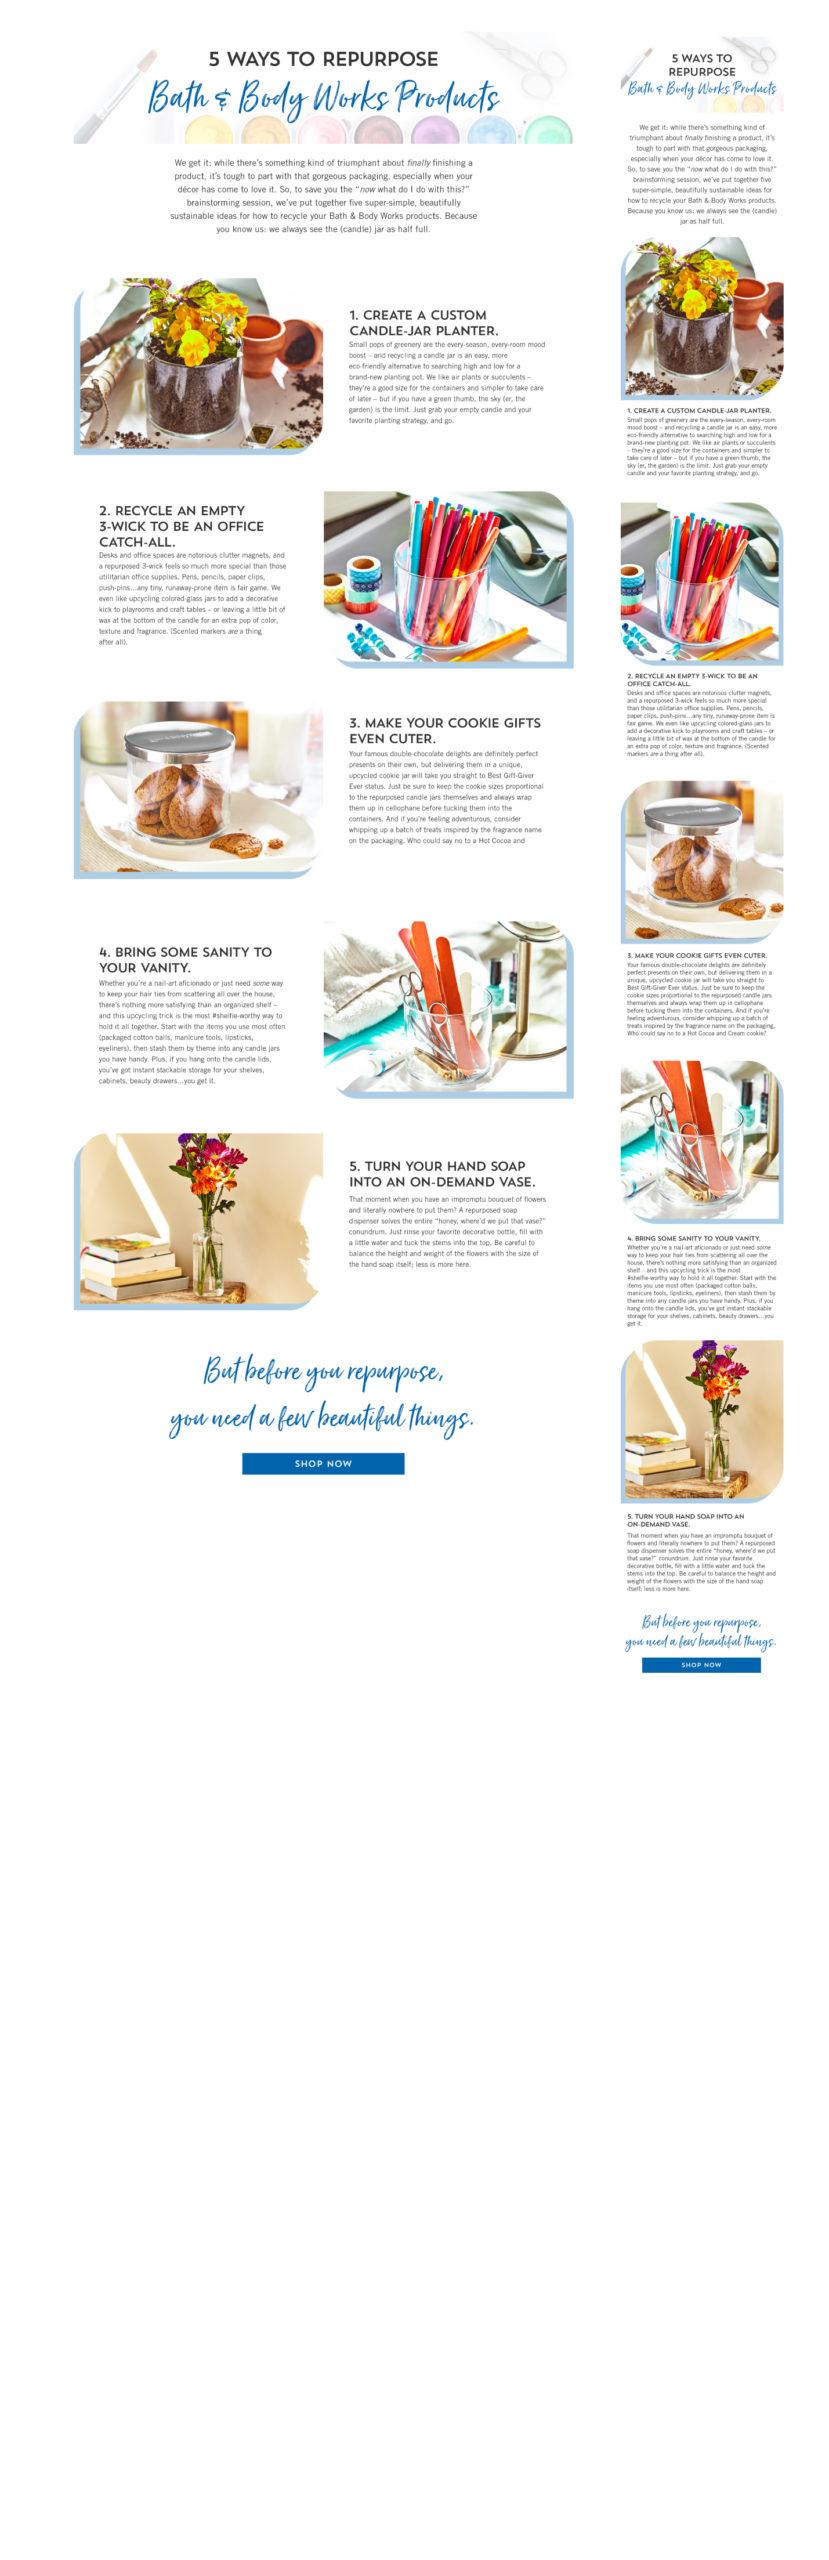 websiteimages_2